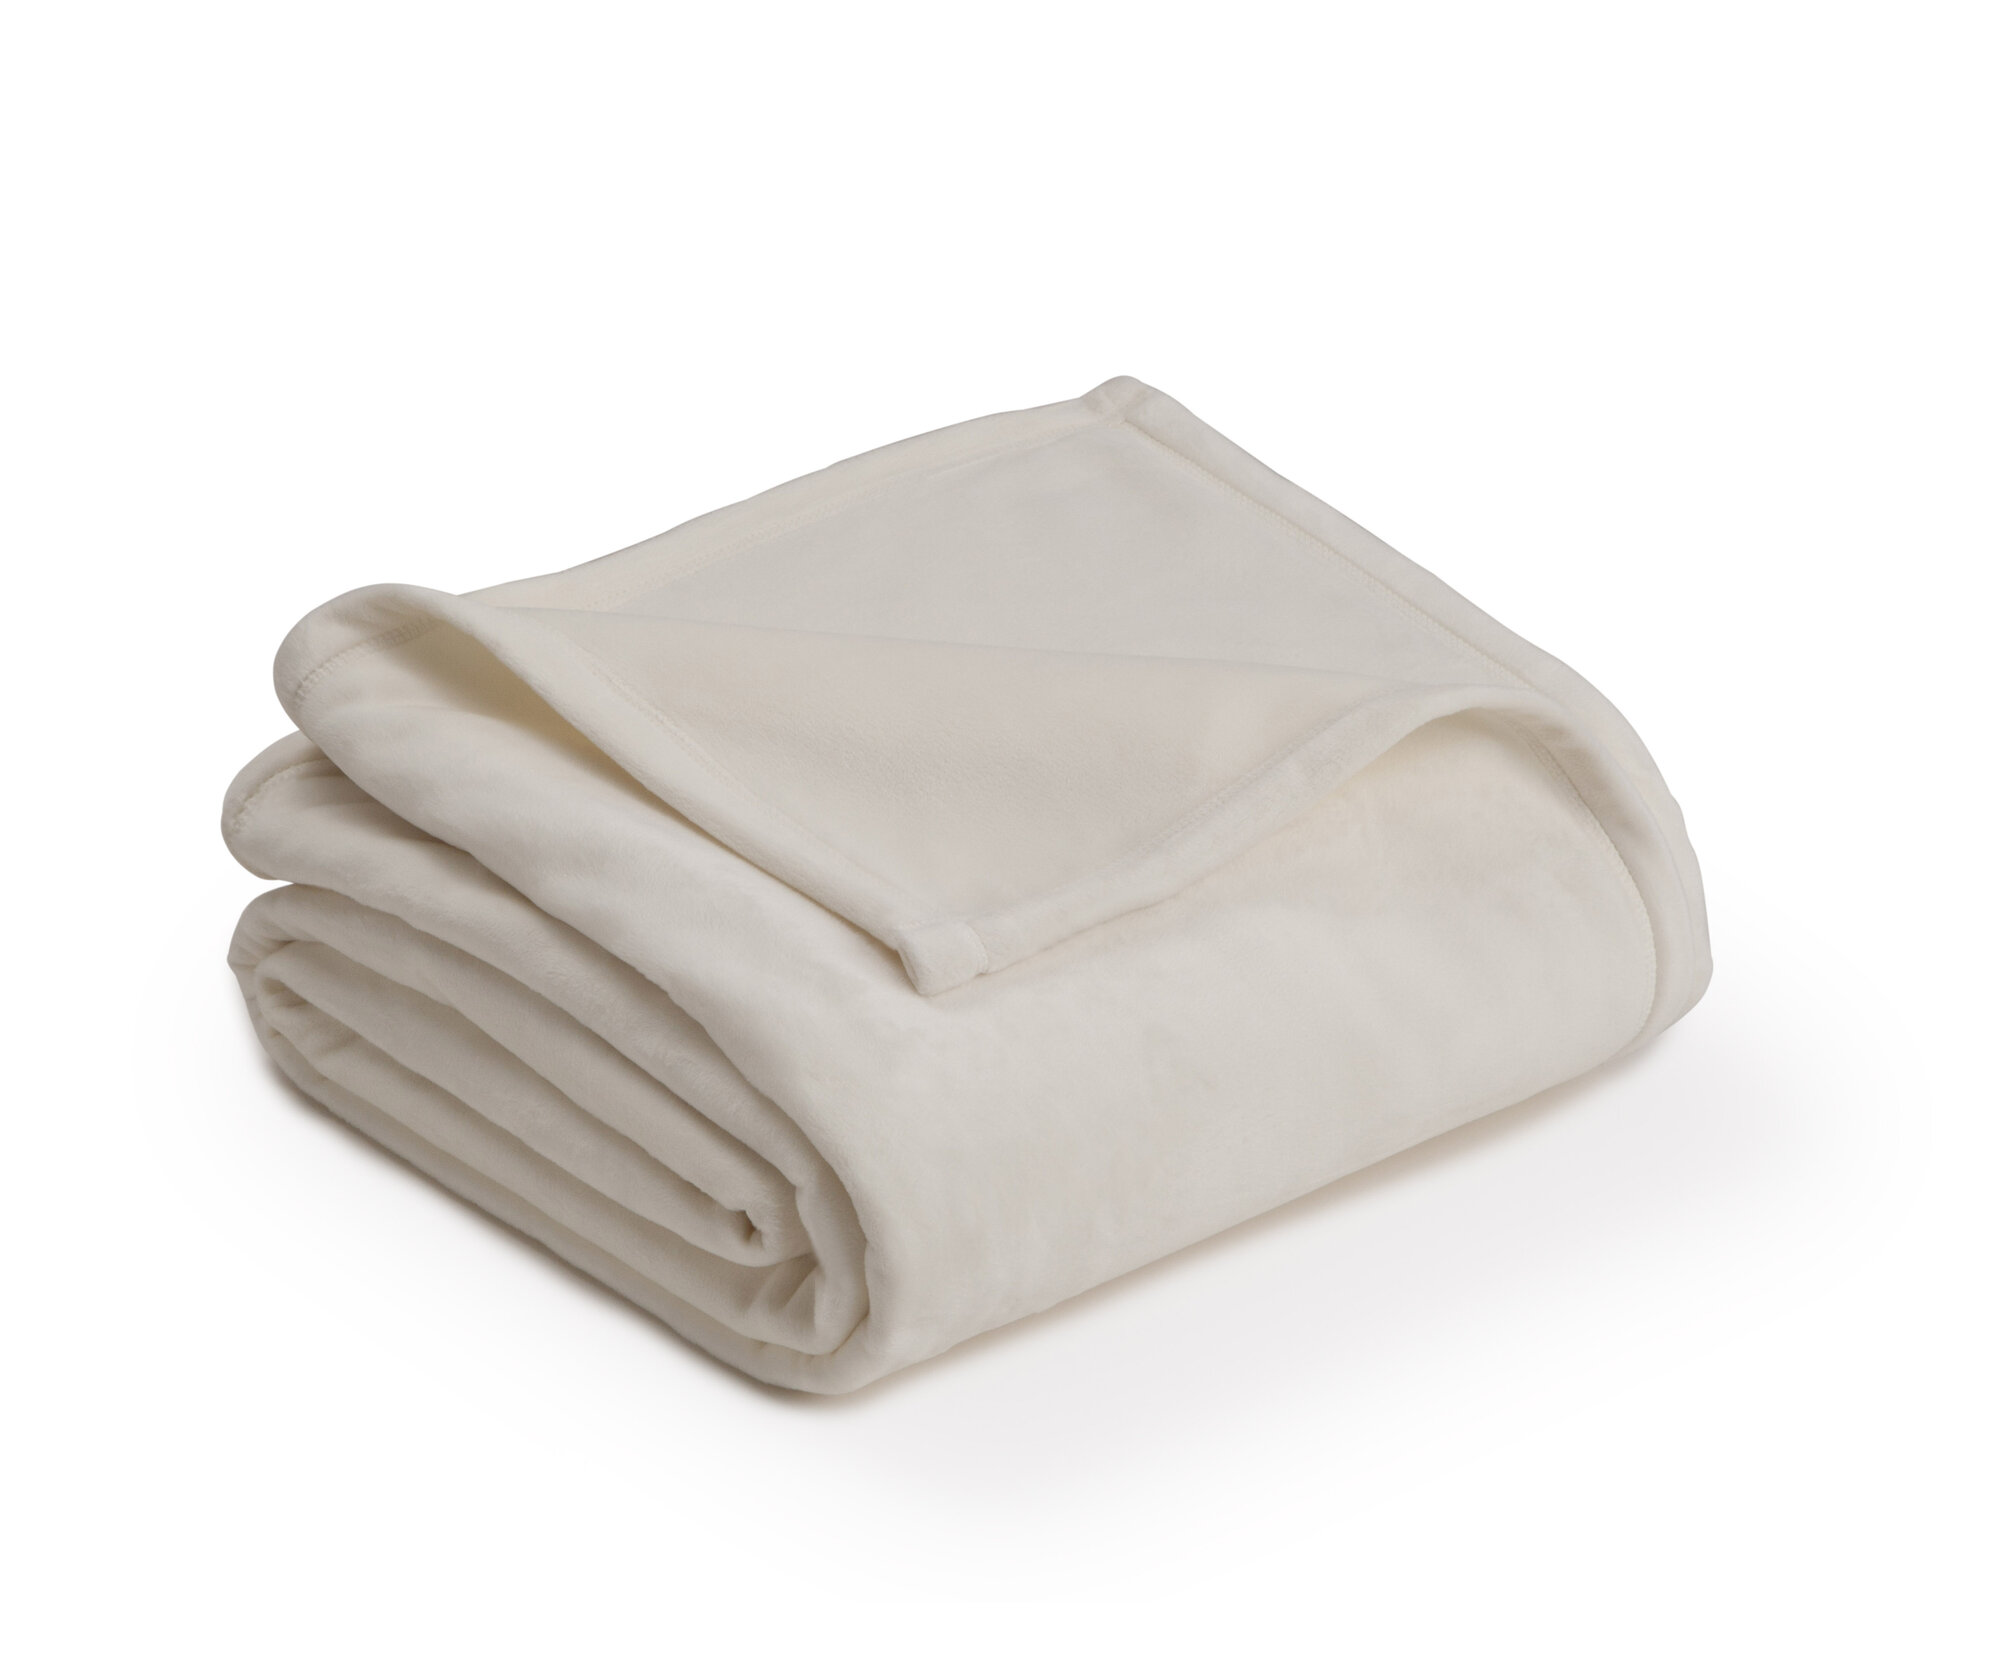 Vellux plush blanket for Vellux blanket